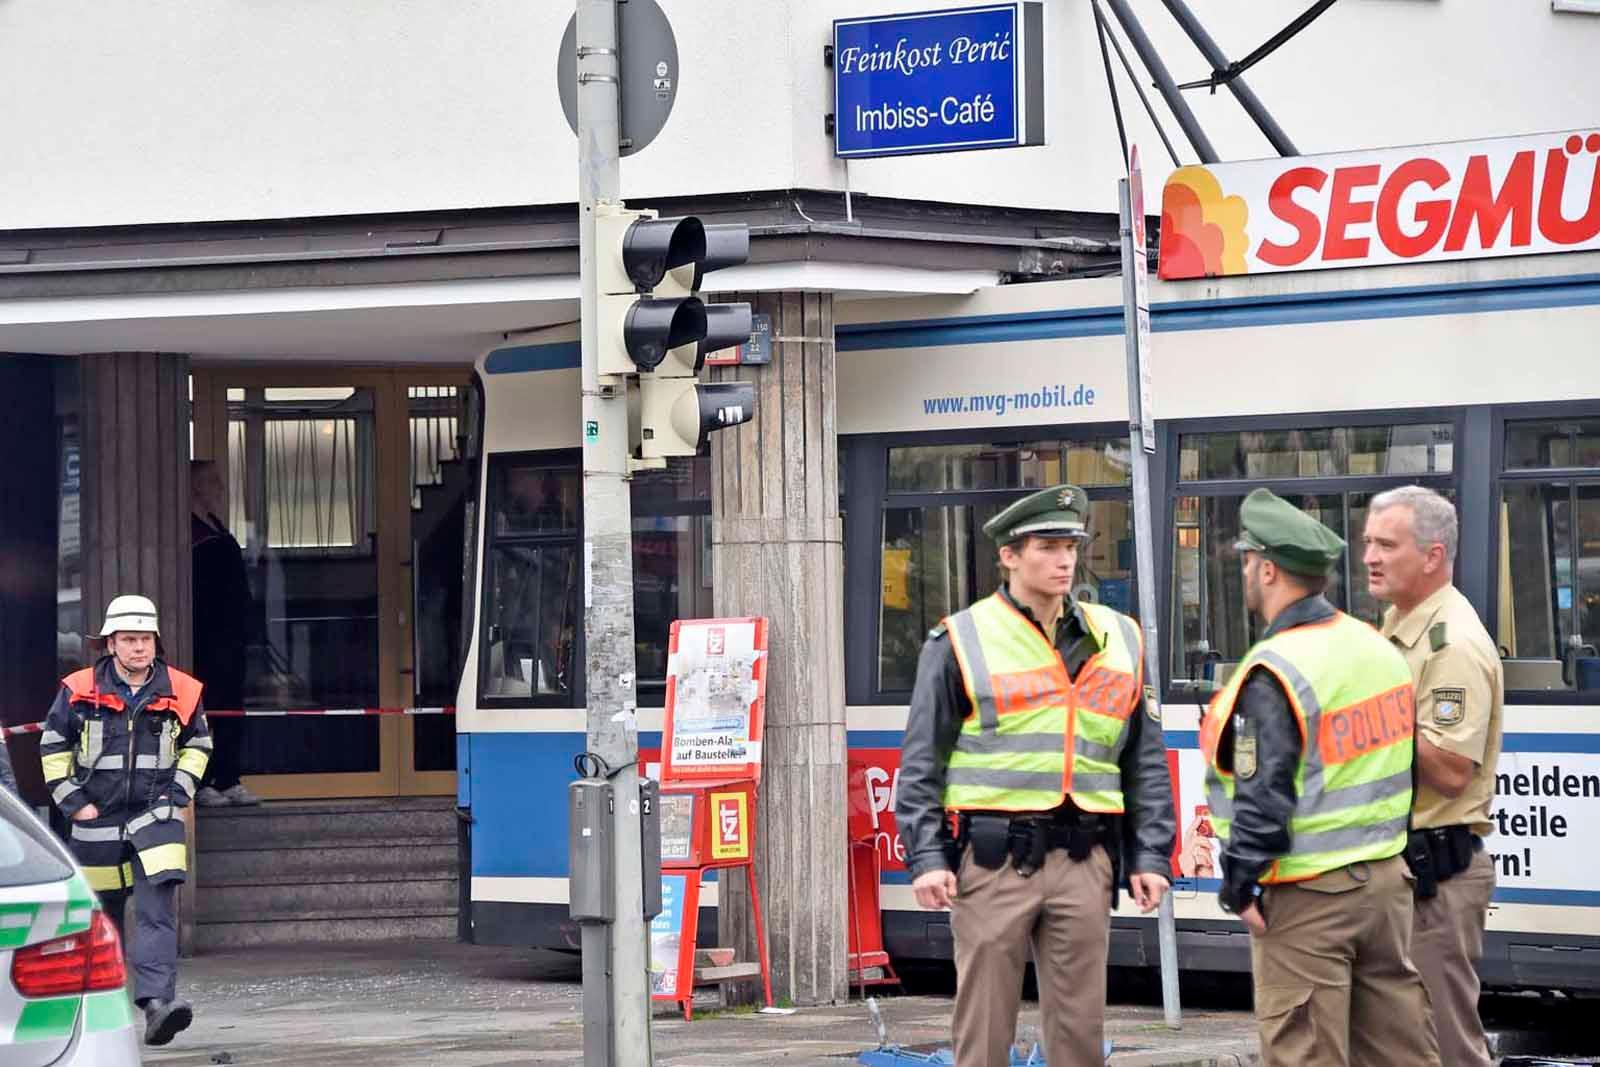 Tram In Der Maxvorstadt Rammt Kleintransporter Und Kracht In Haus